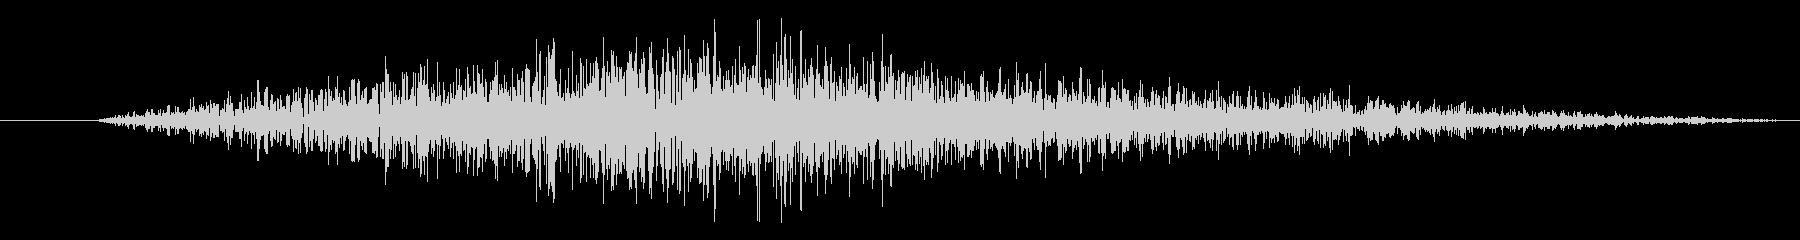 シュワー/スワイプや場面転換に最適です2の未再生の波形